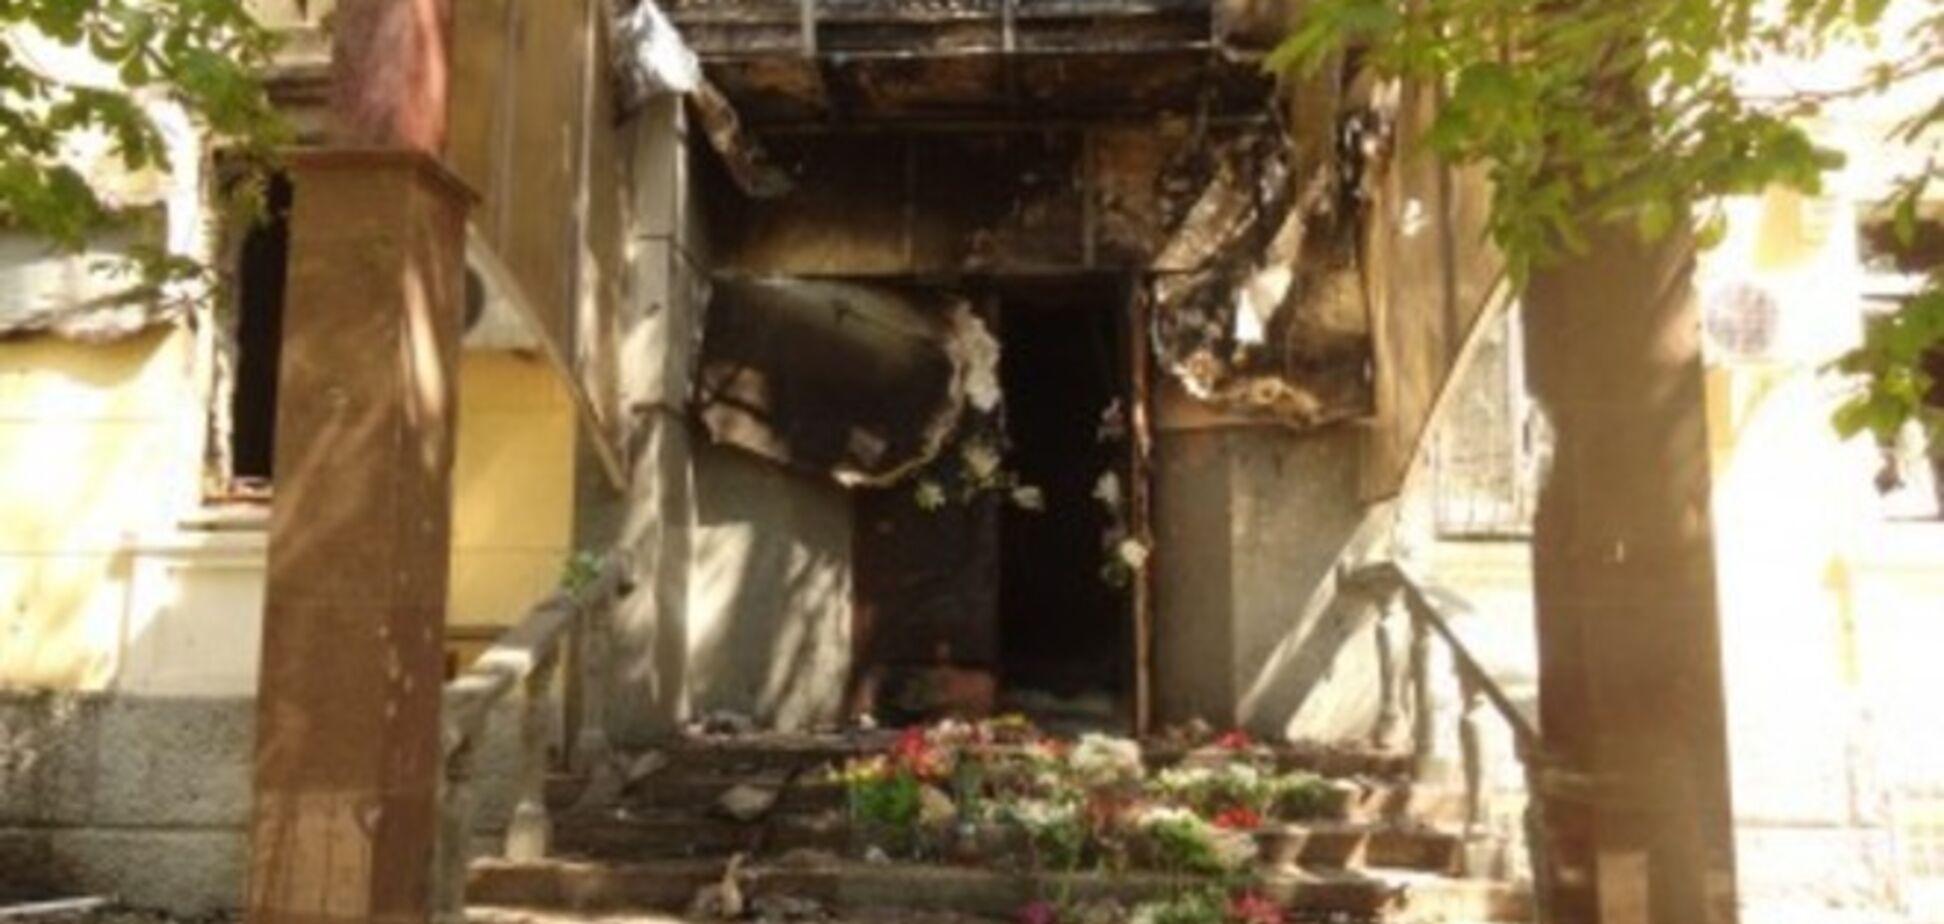 Обнародован первый список погибших в ходе АТО в Мариуполе